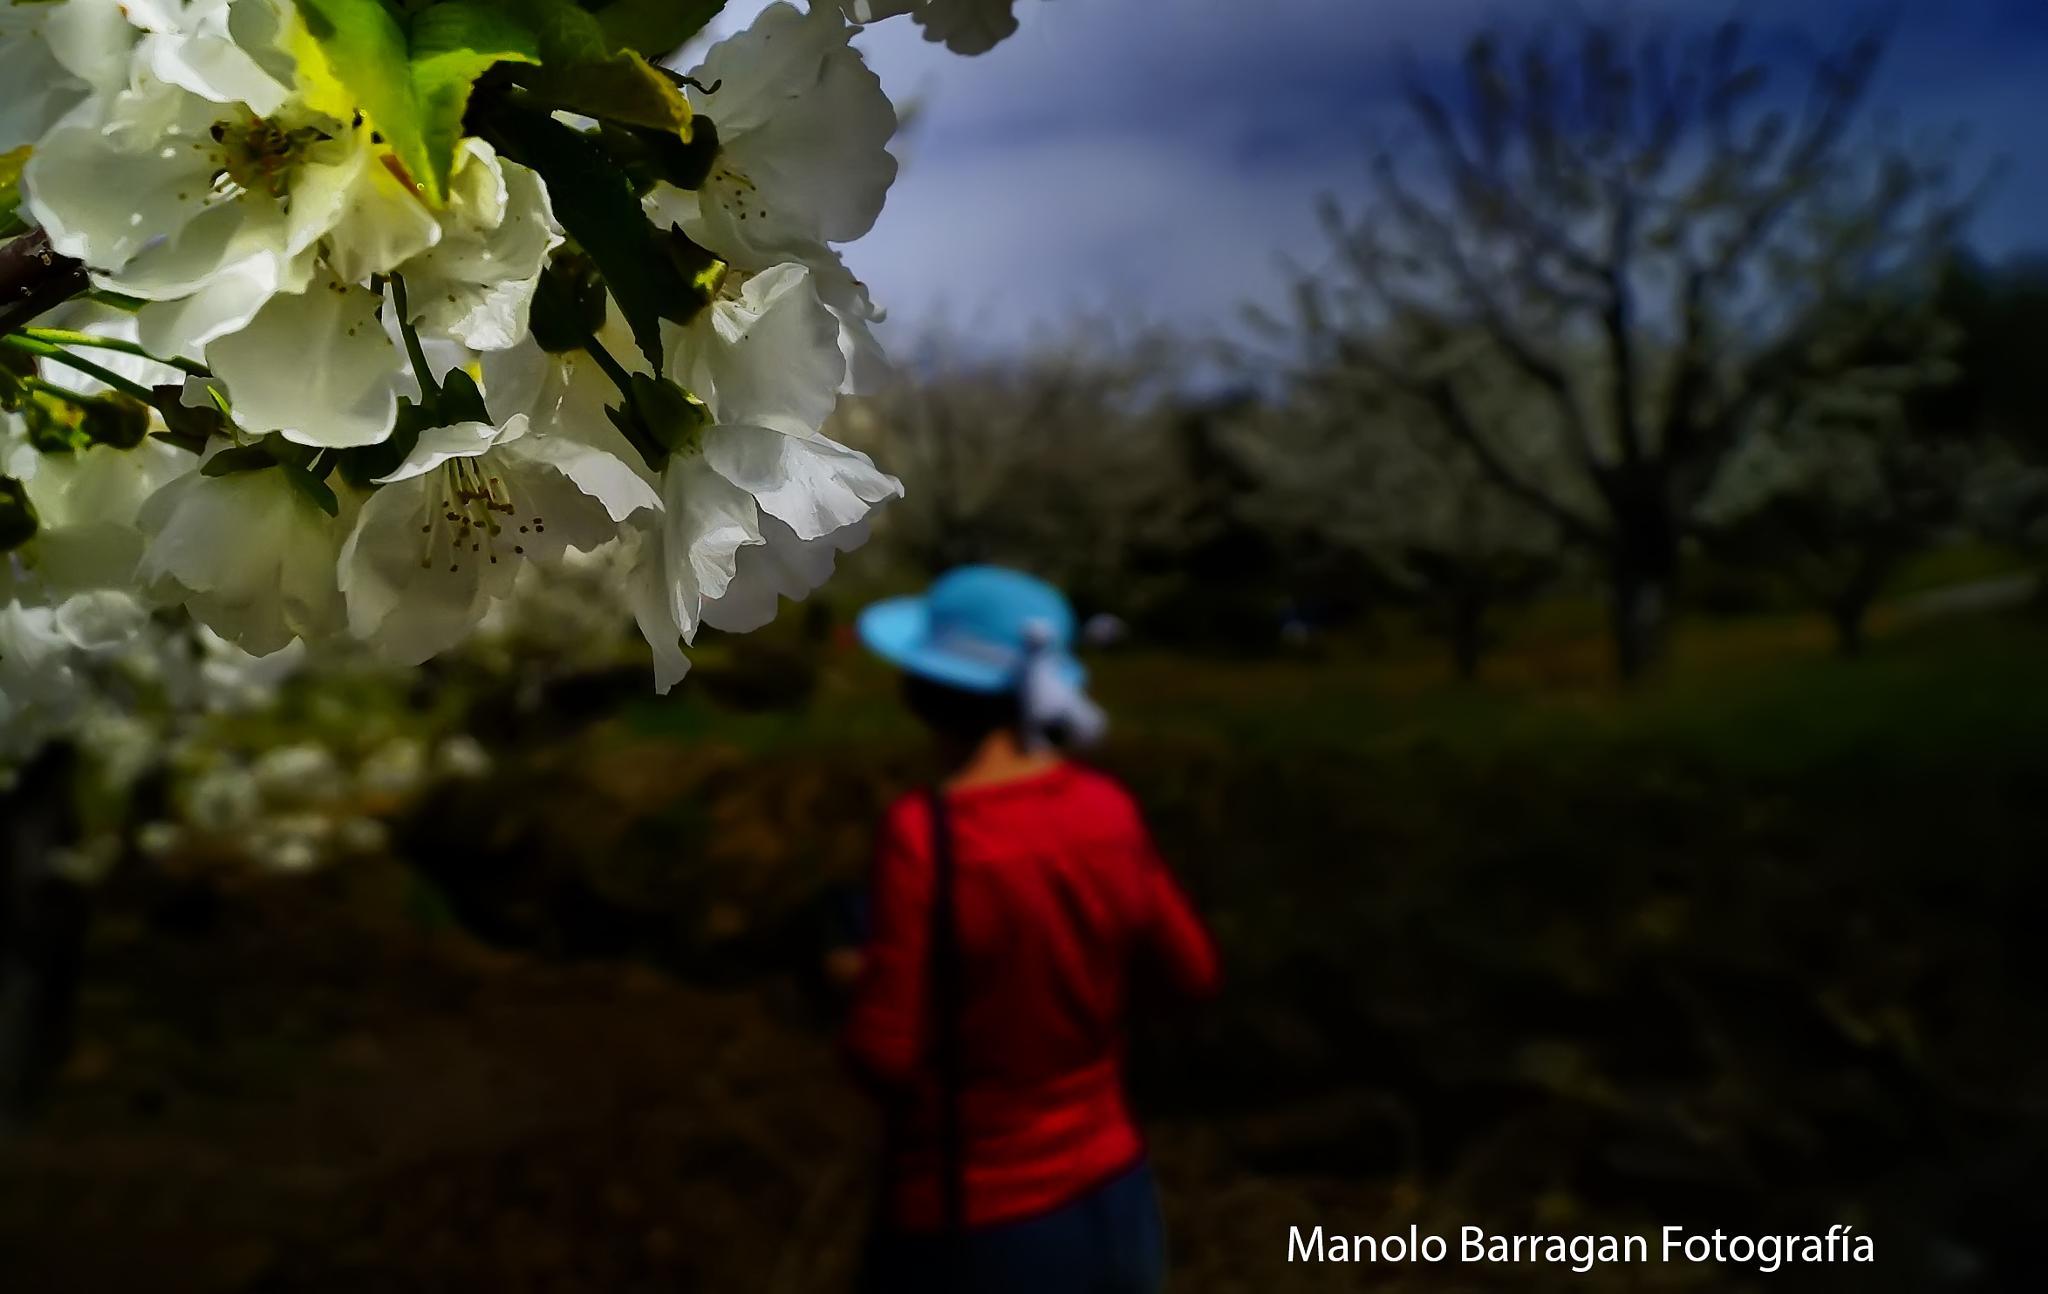 Untitled by Manolo Barragan Fotografía